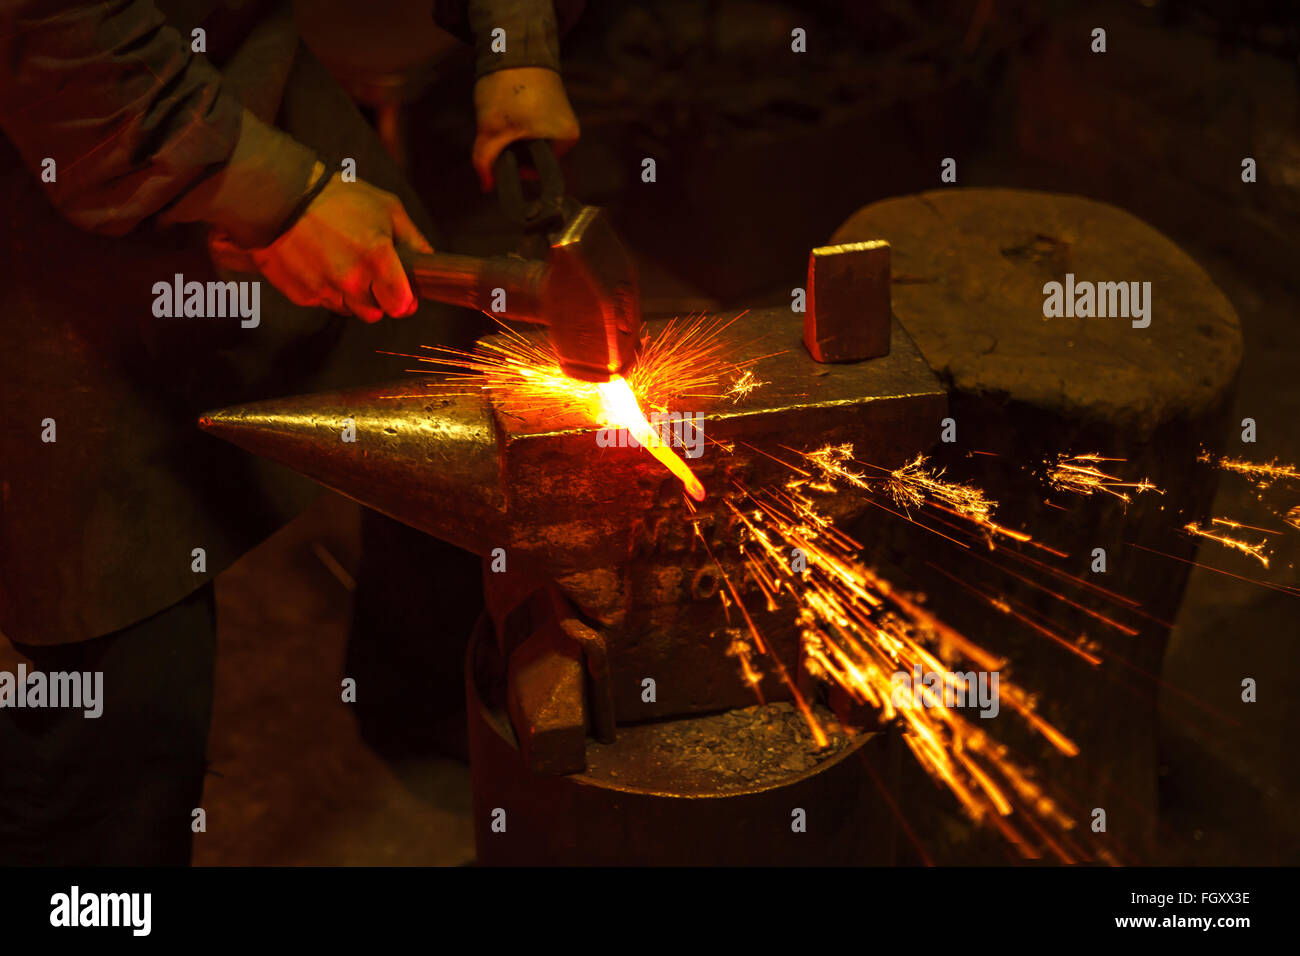 Blacksmith forfing hot iron - Stock Image